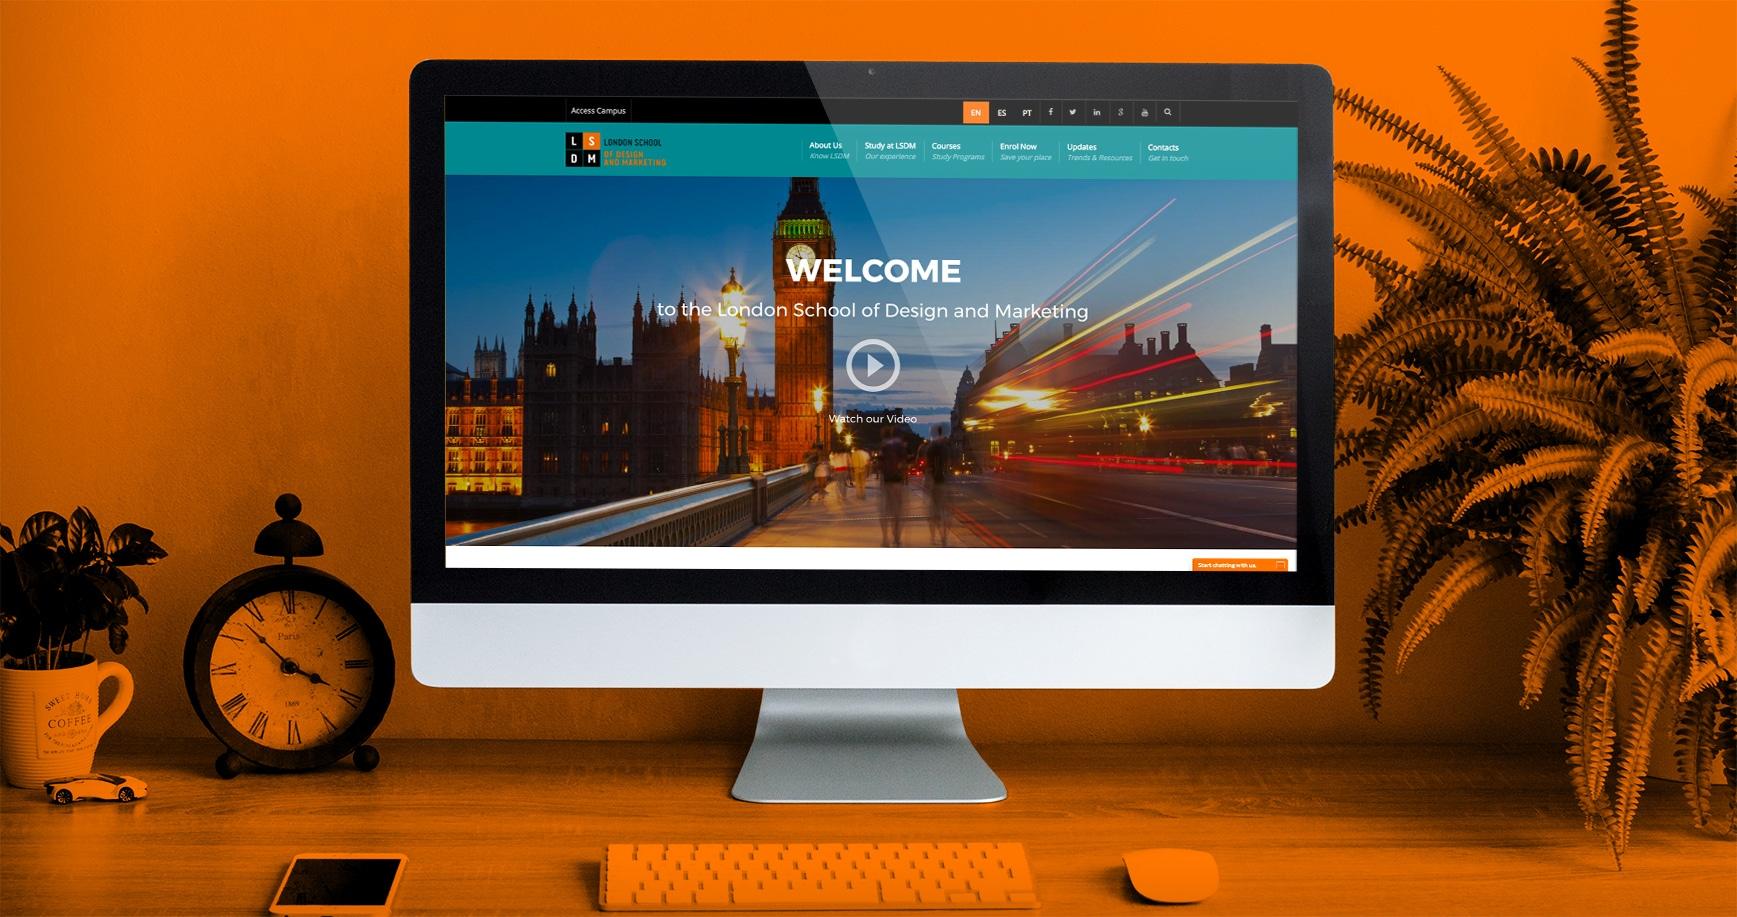 lsdm-work-desk-homepage-5